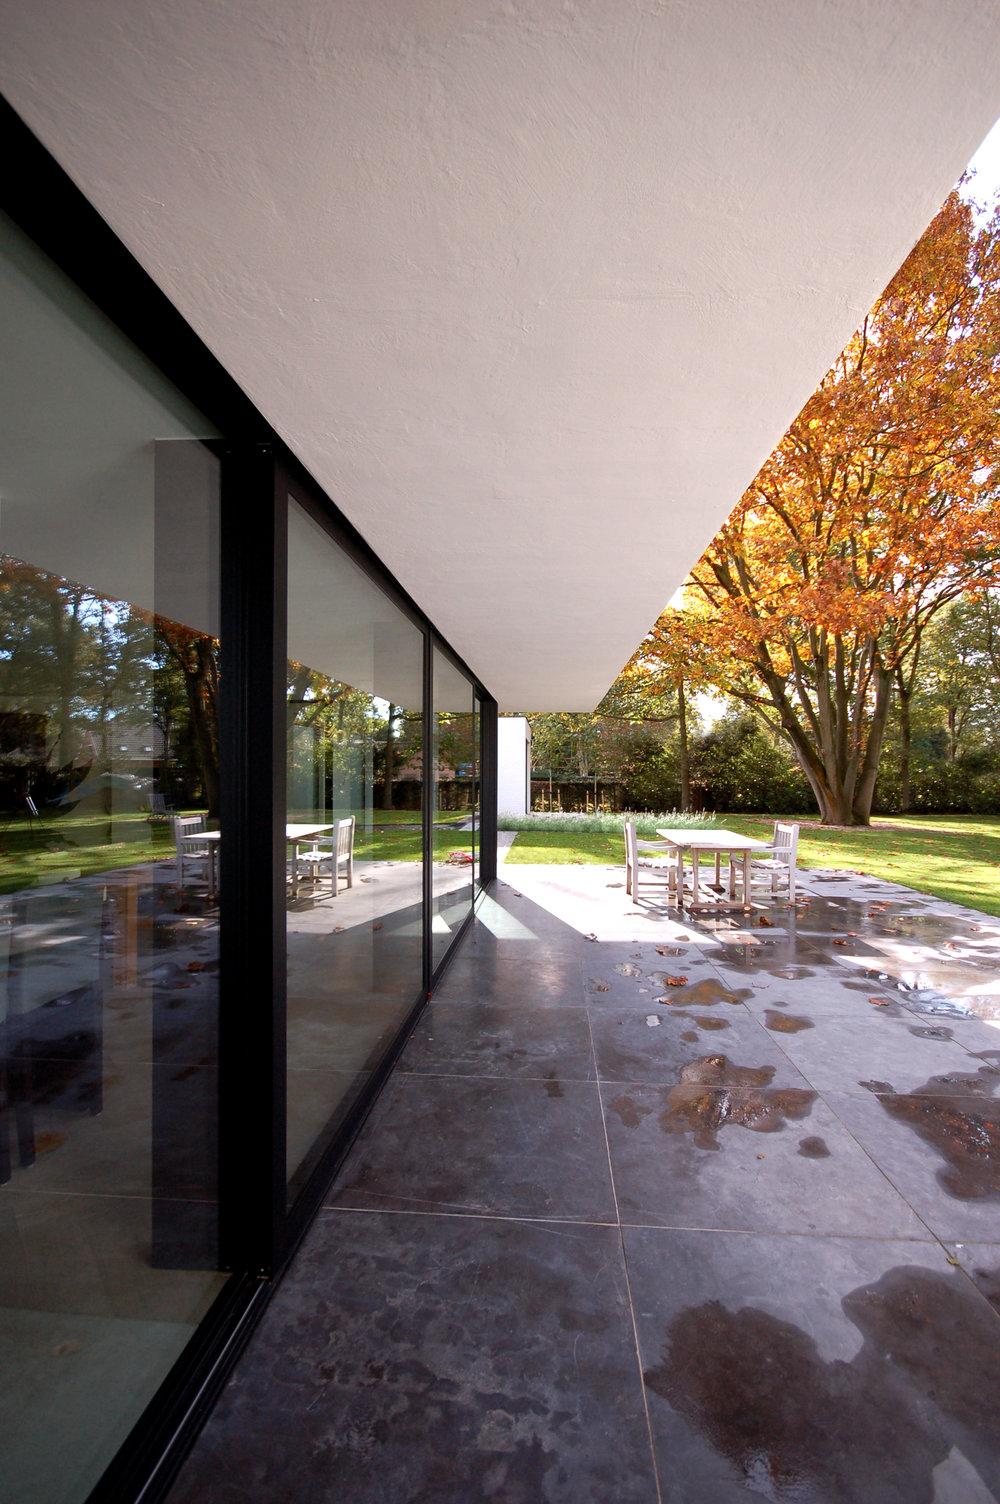 demeestervliegen-architecture-interior-interiorarchitecture-office36.jpg